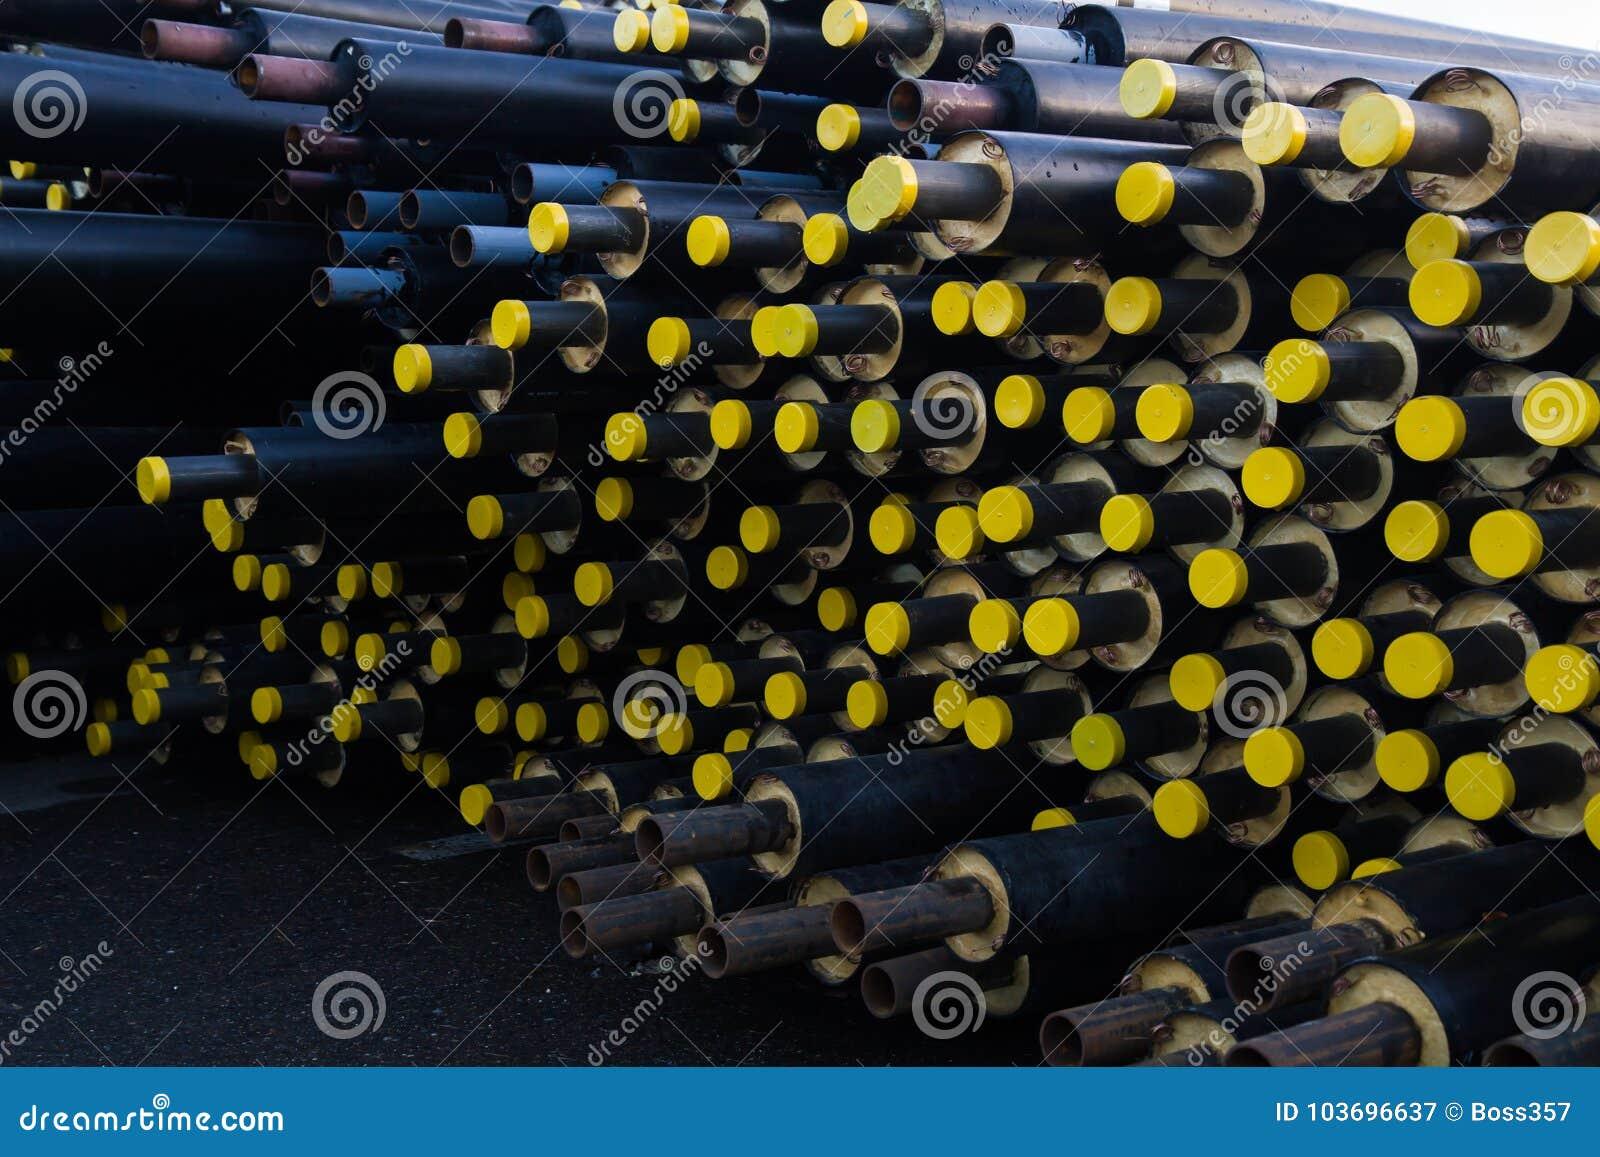 Speicherte viel schwarzes Stahlrohr mit Wärmedämmung auf Baustelle in einer Kunststoffrohrverpackung, die mit gelben Deckelrohren